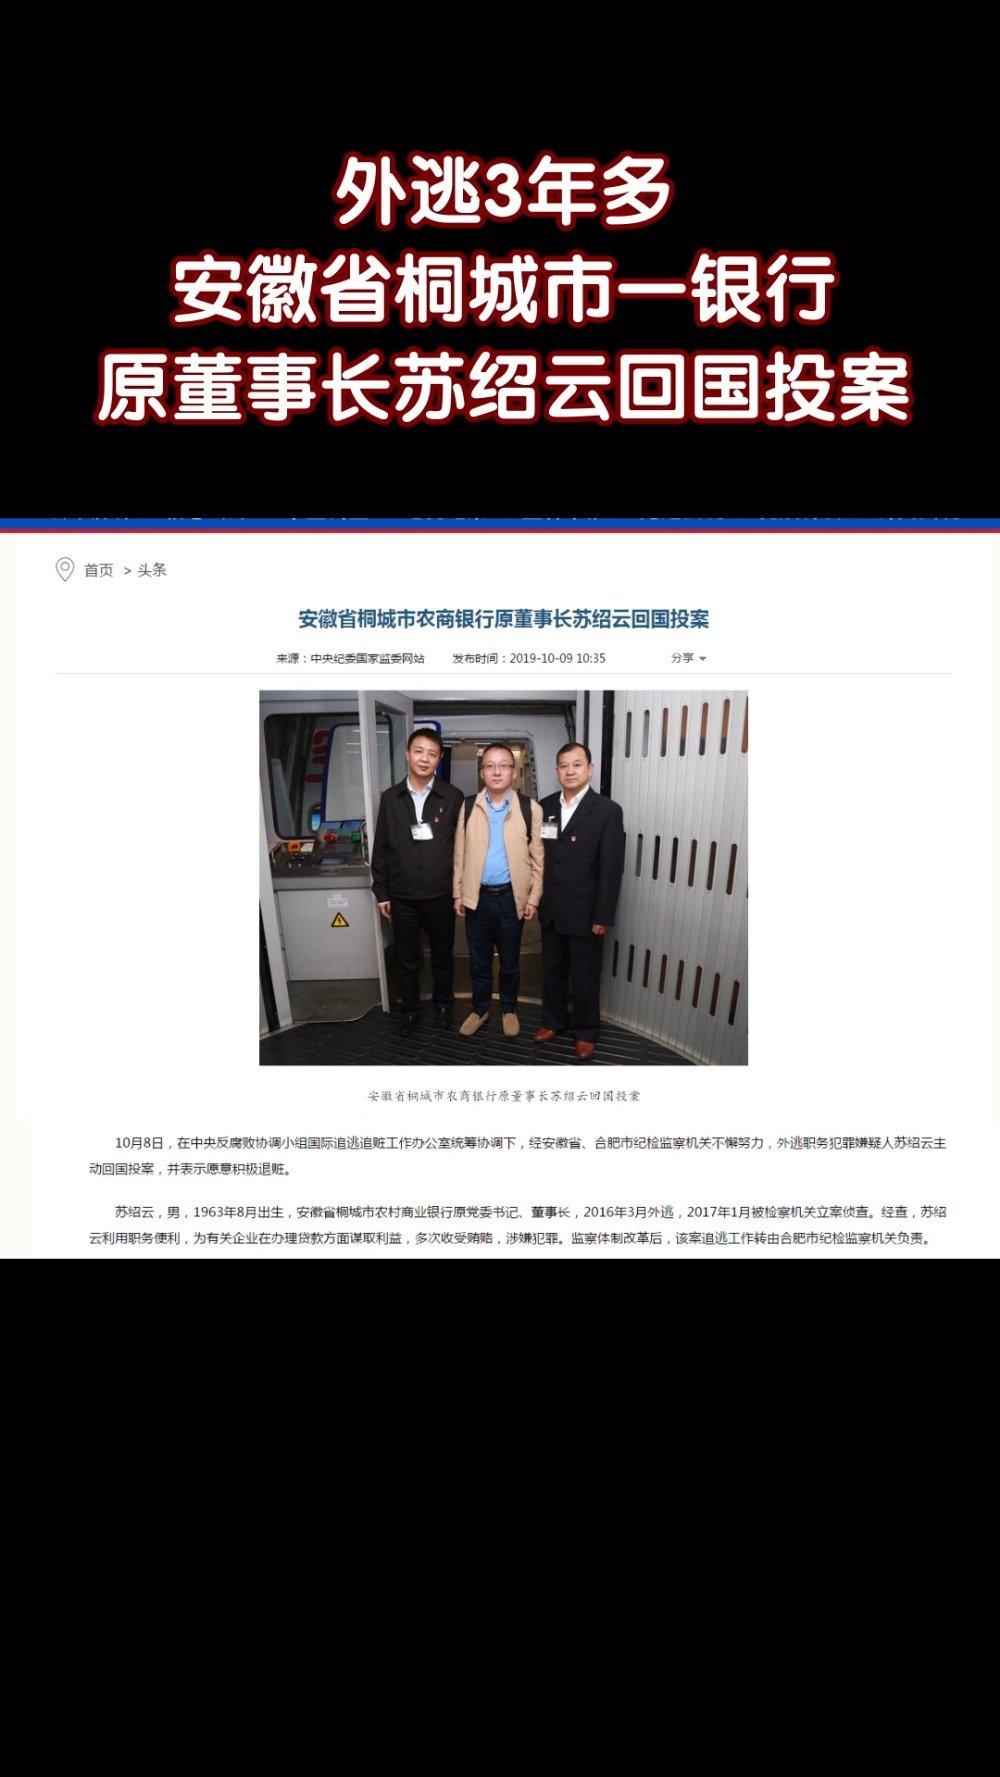 外逃3年多,桐城市一银行原董事长苏绍云回国投案